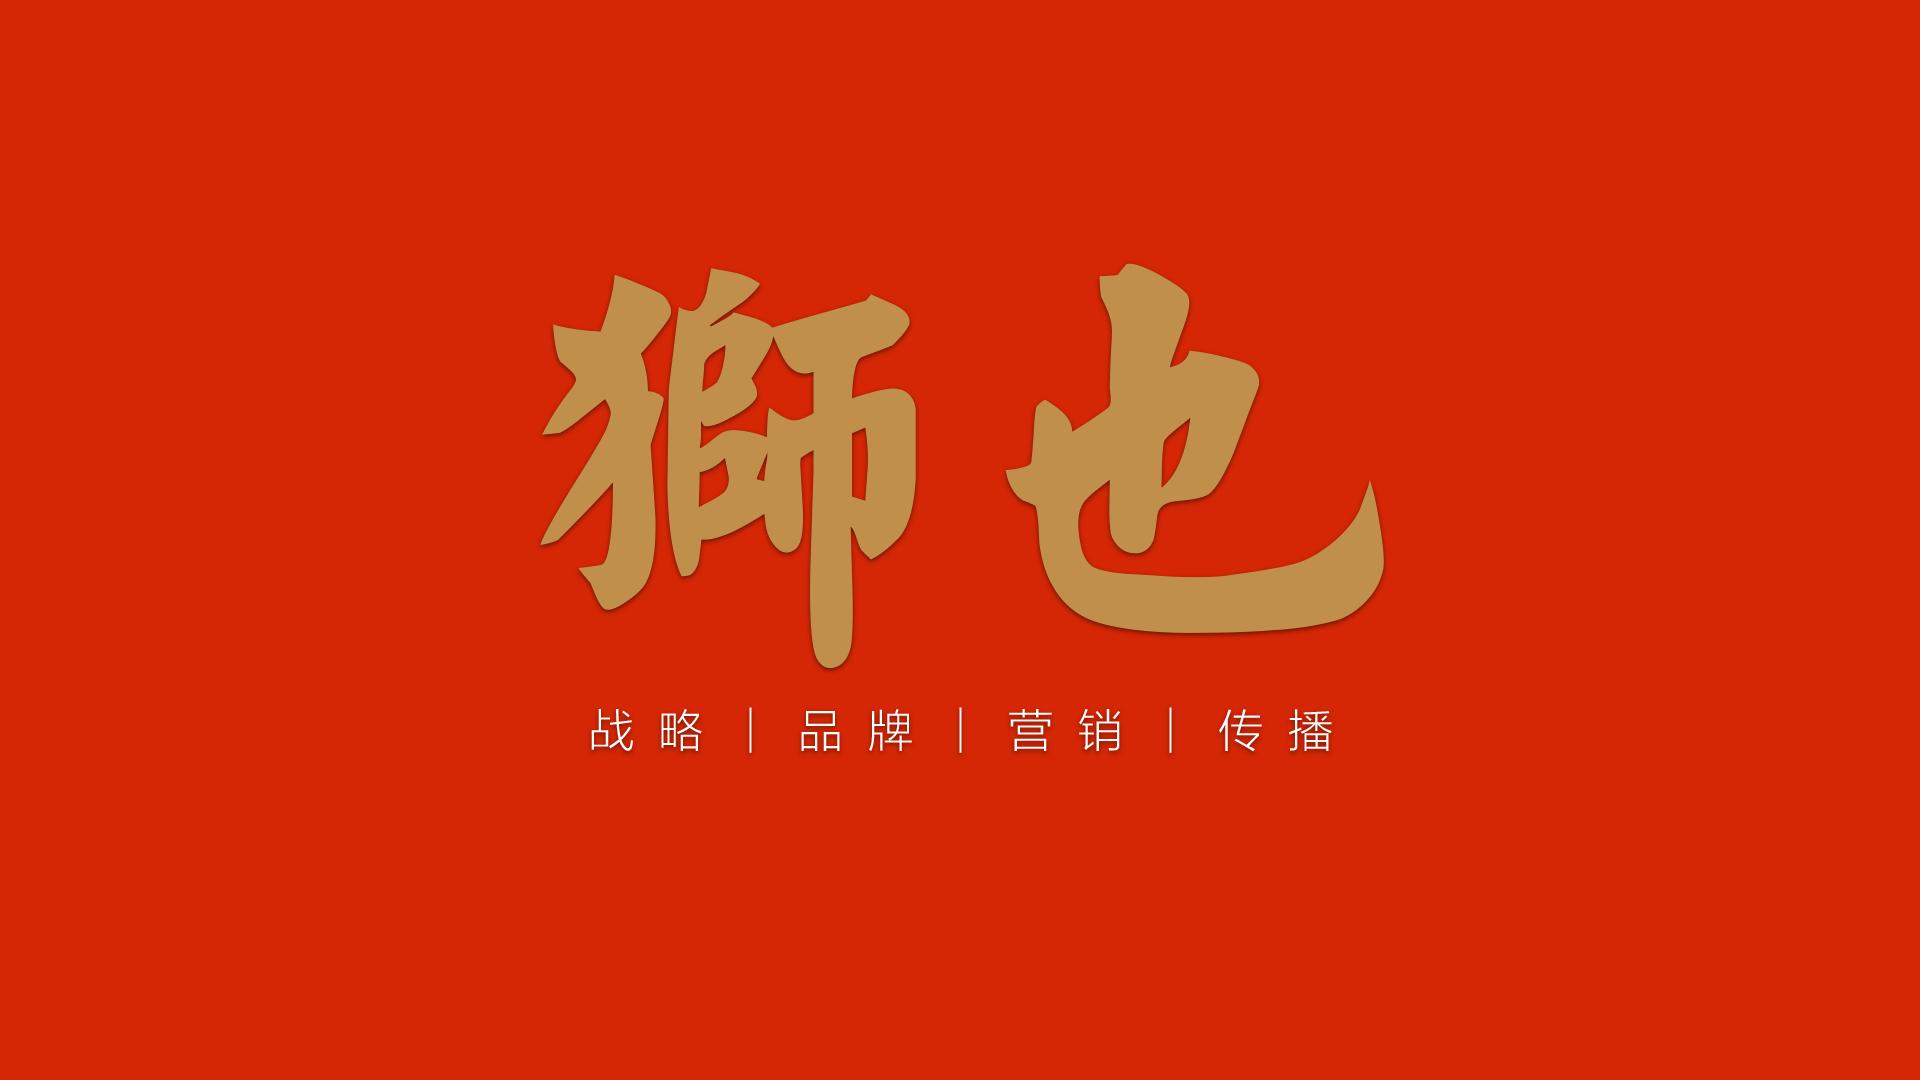 上海营销策划公司—节日营销走口走手,还是走心走肾?